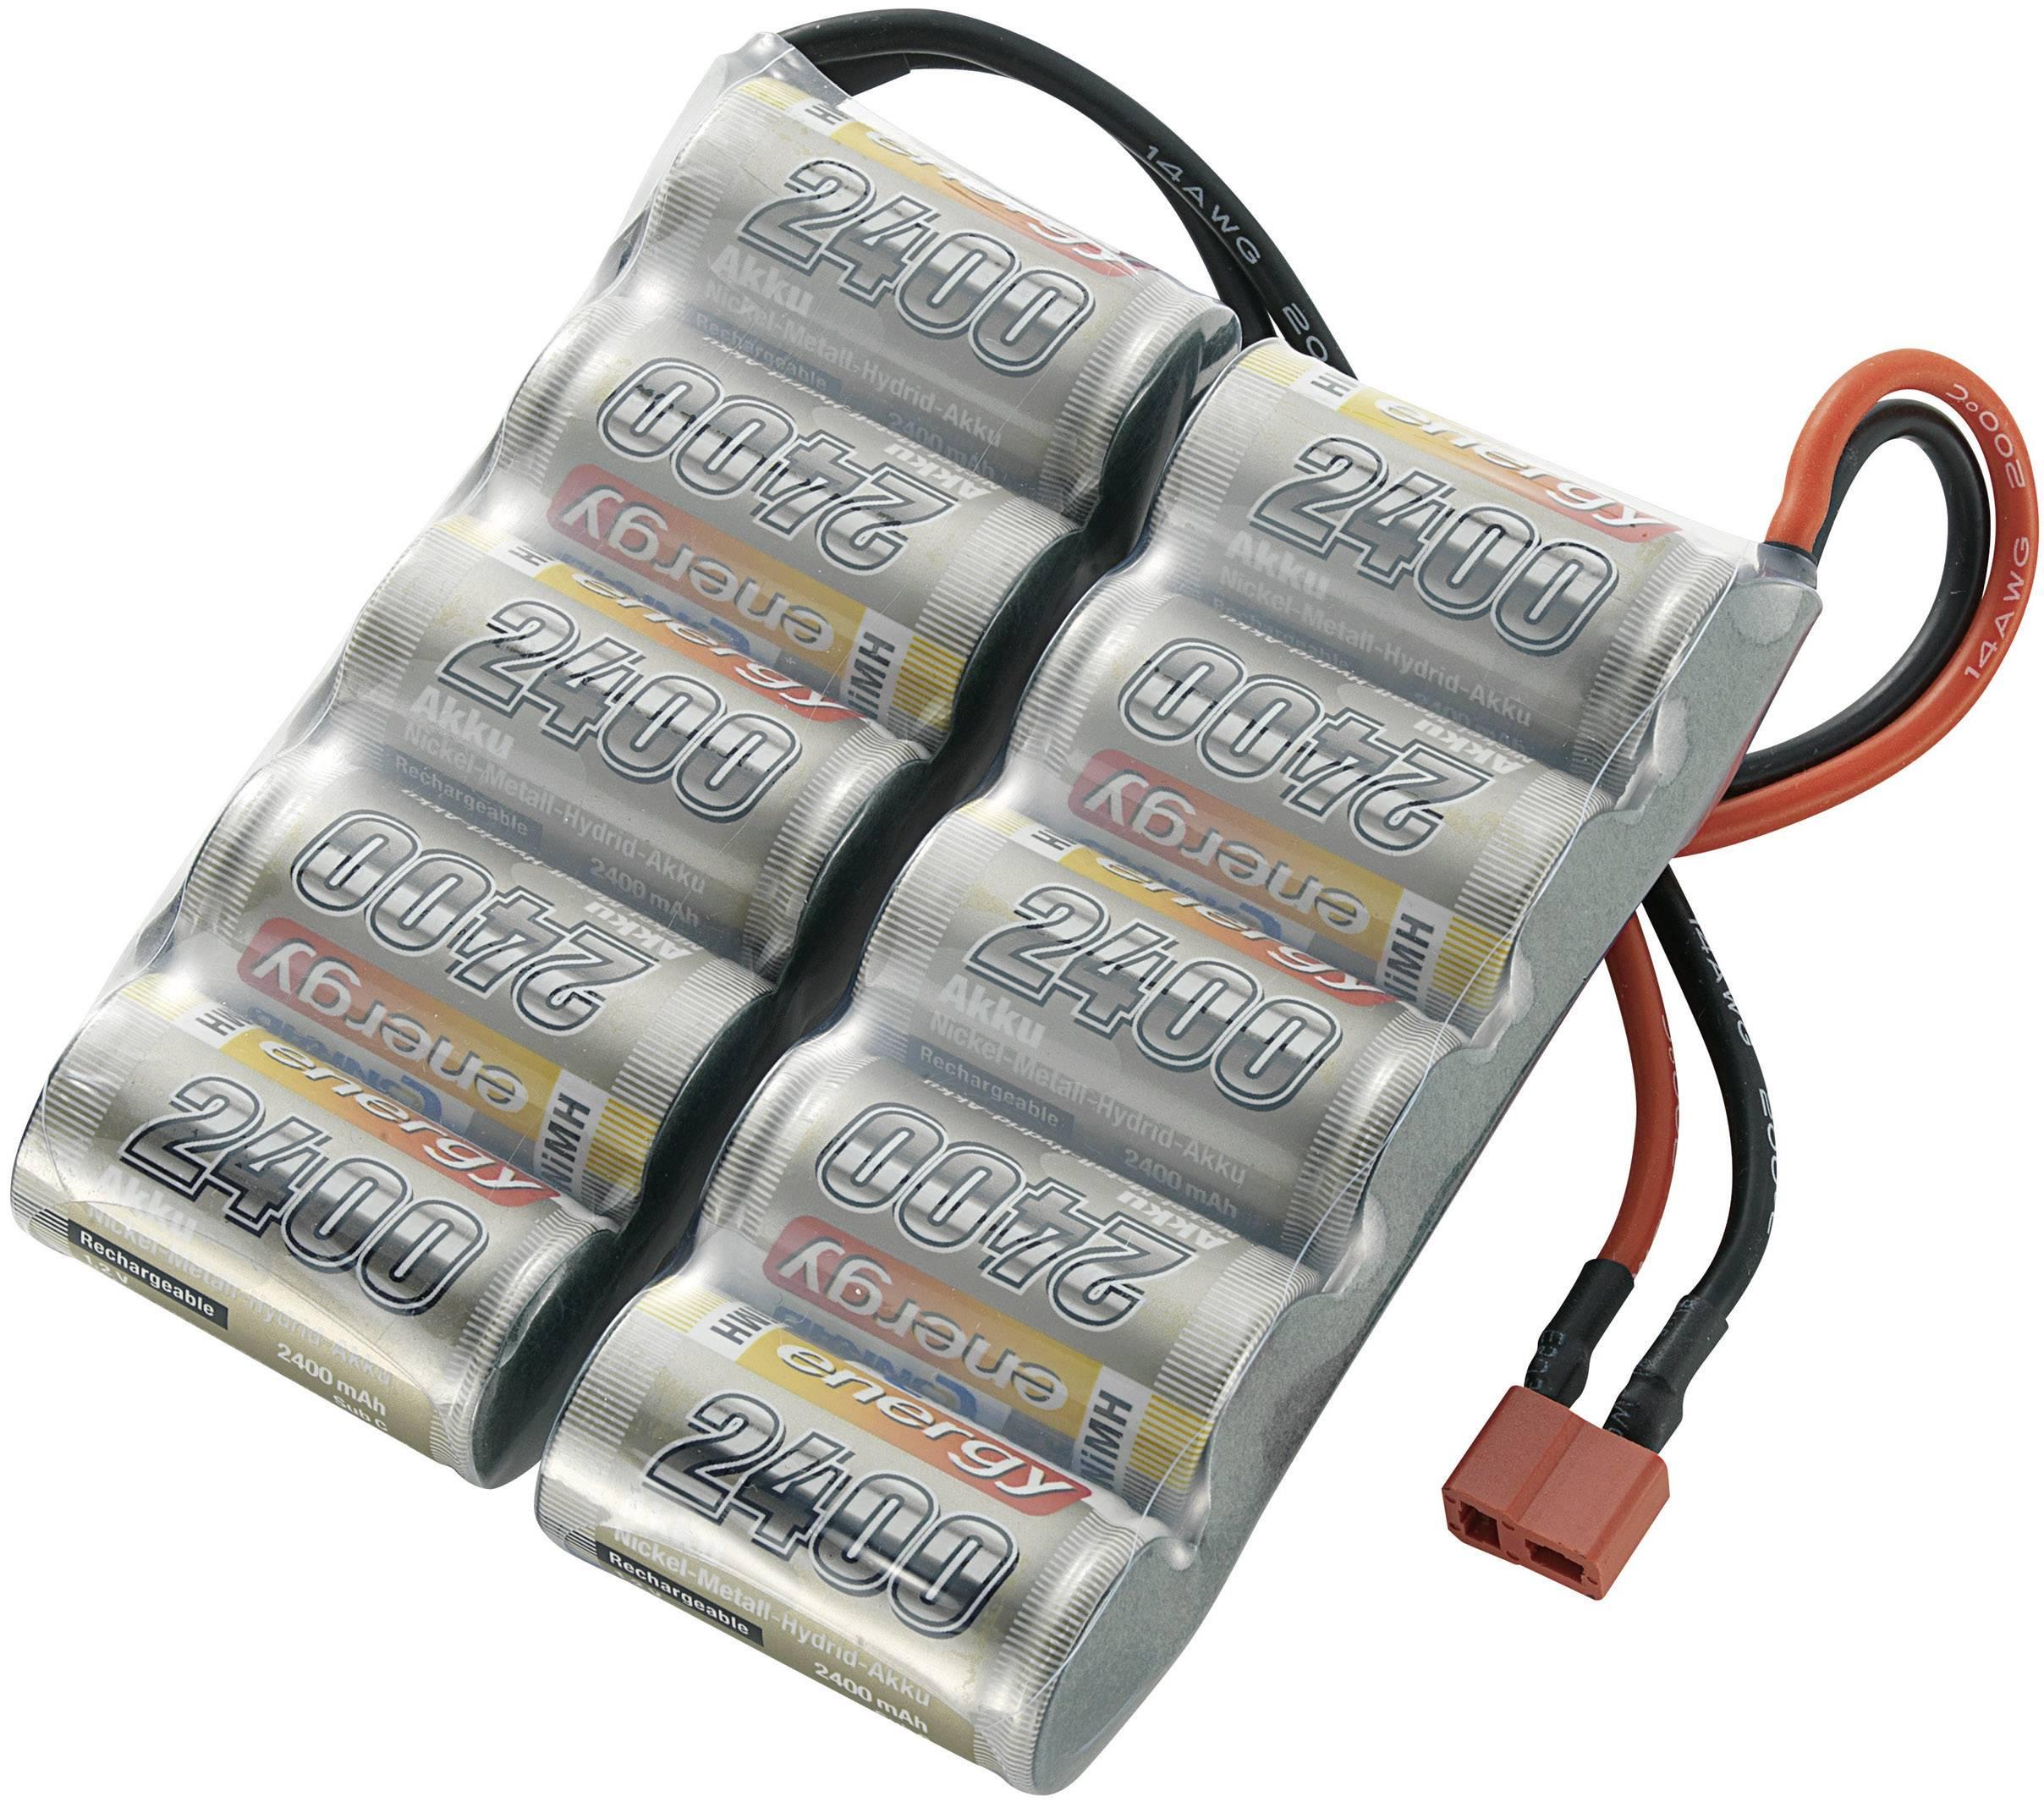 Akupack NiMH Conrad energy 206974, 12 V, 2400 mAh